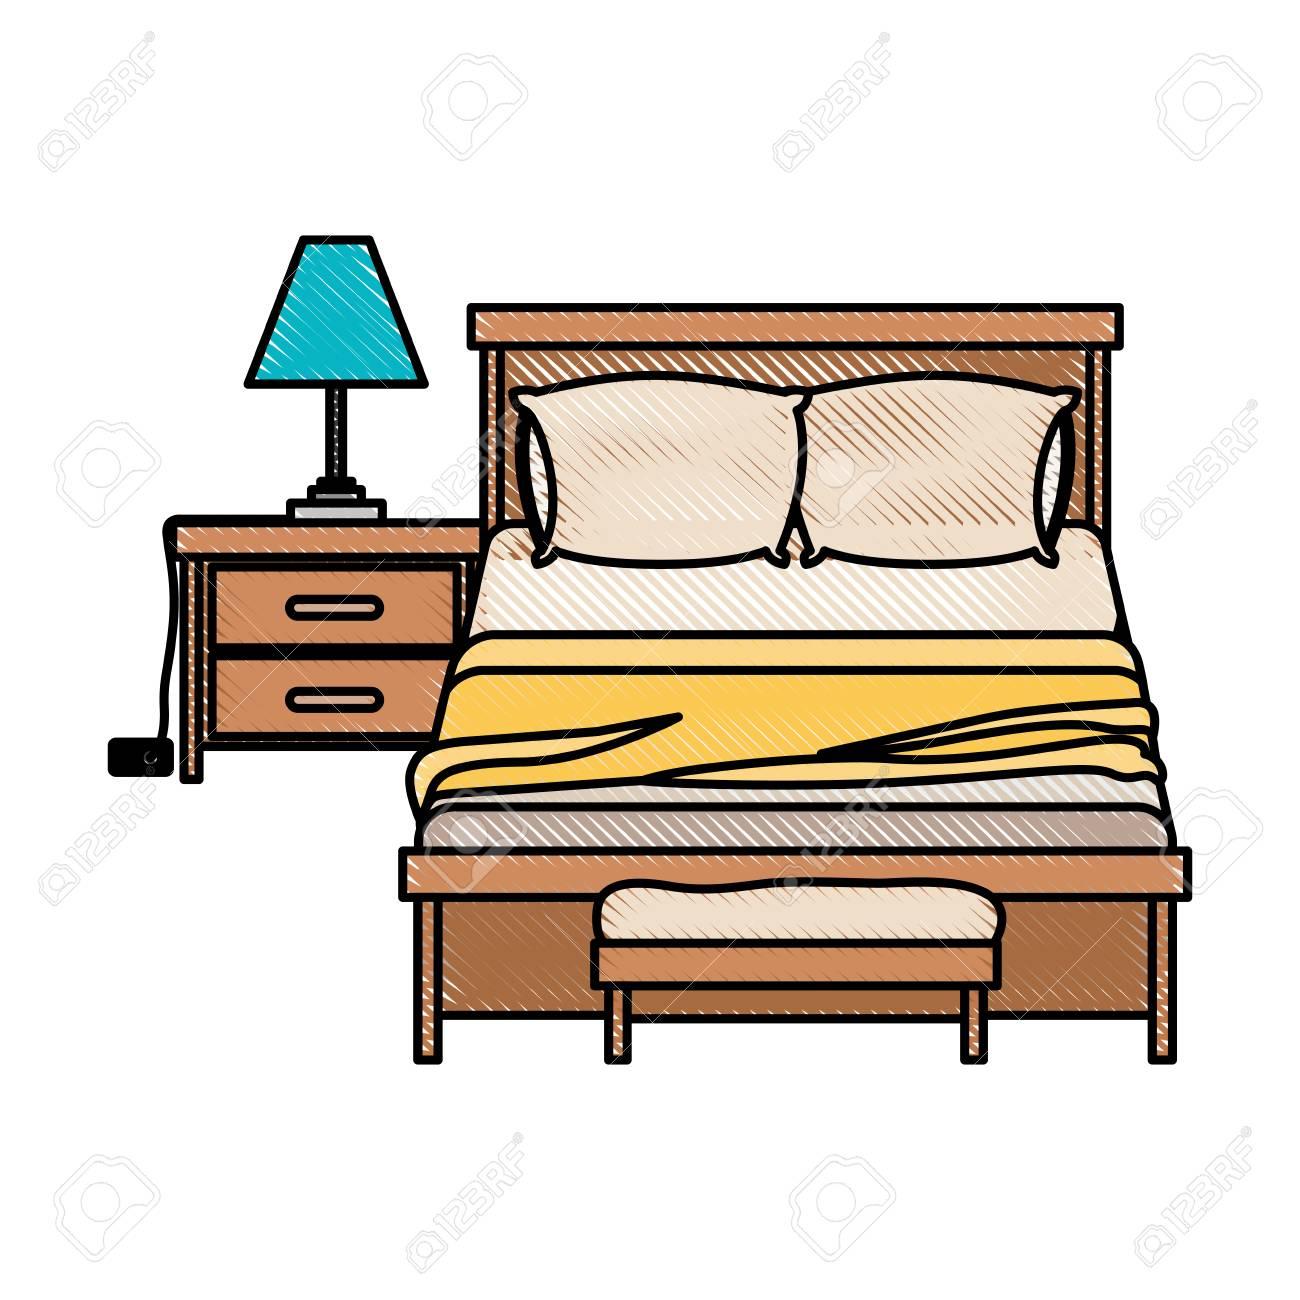 couple silhouette fond lampe coucher Chambre et en couleur chevet sur la de crayon illustration sur table oreillers à de blanc avec vectorielle lFK1Jc